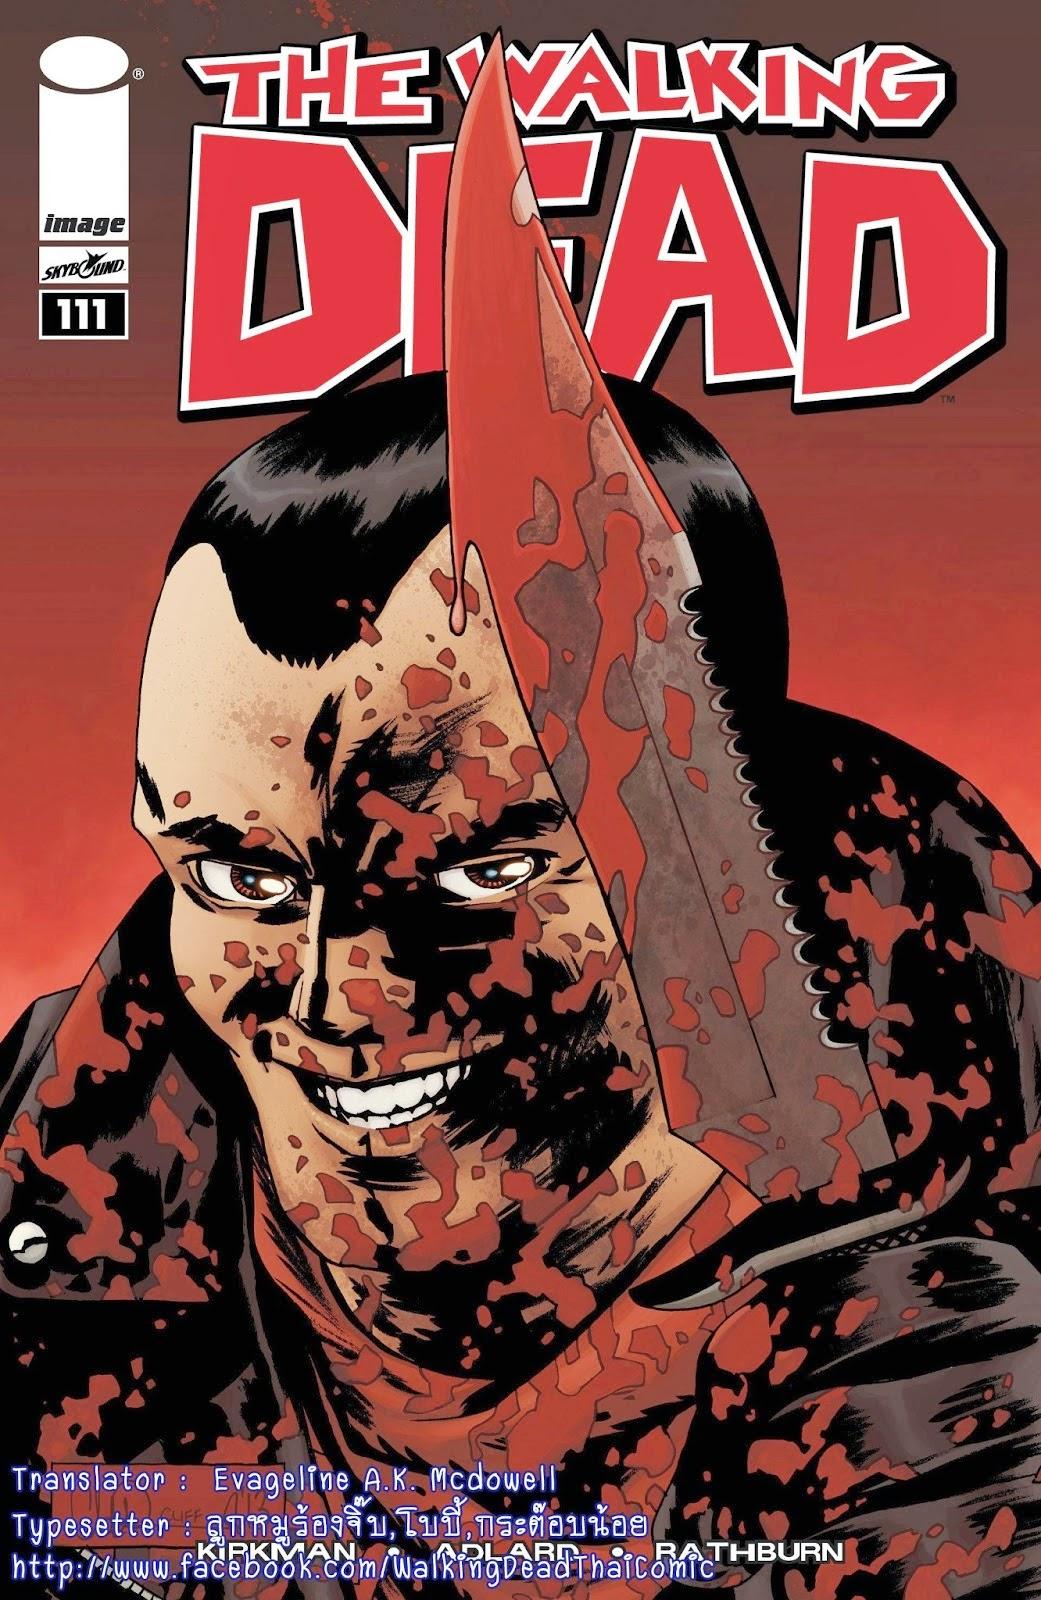 The Walking Dead - #111 - 1